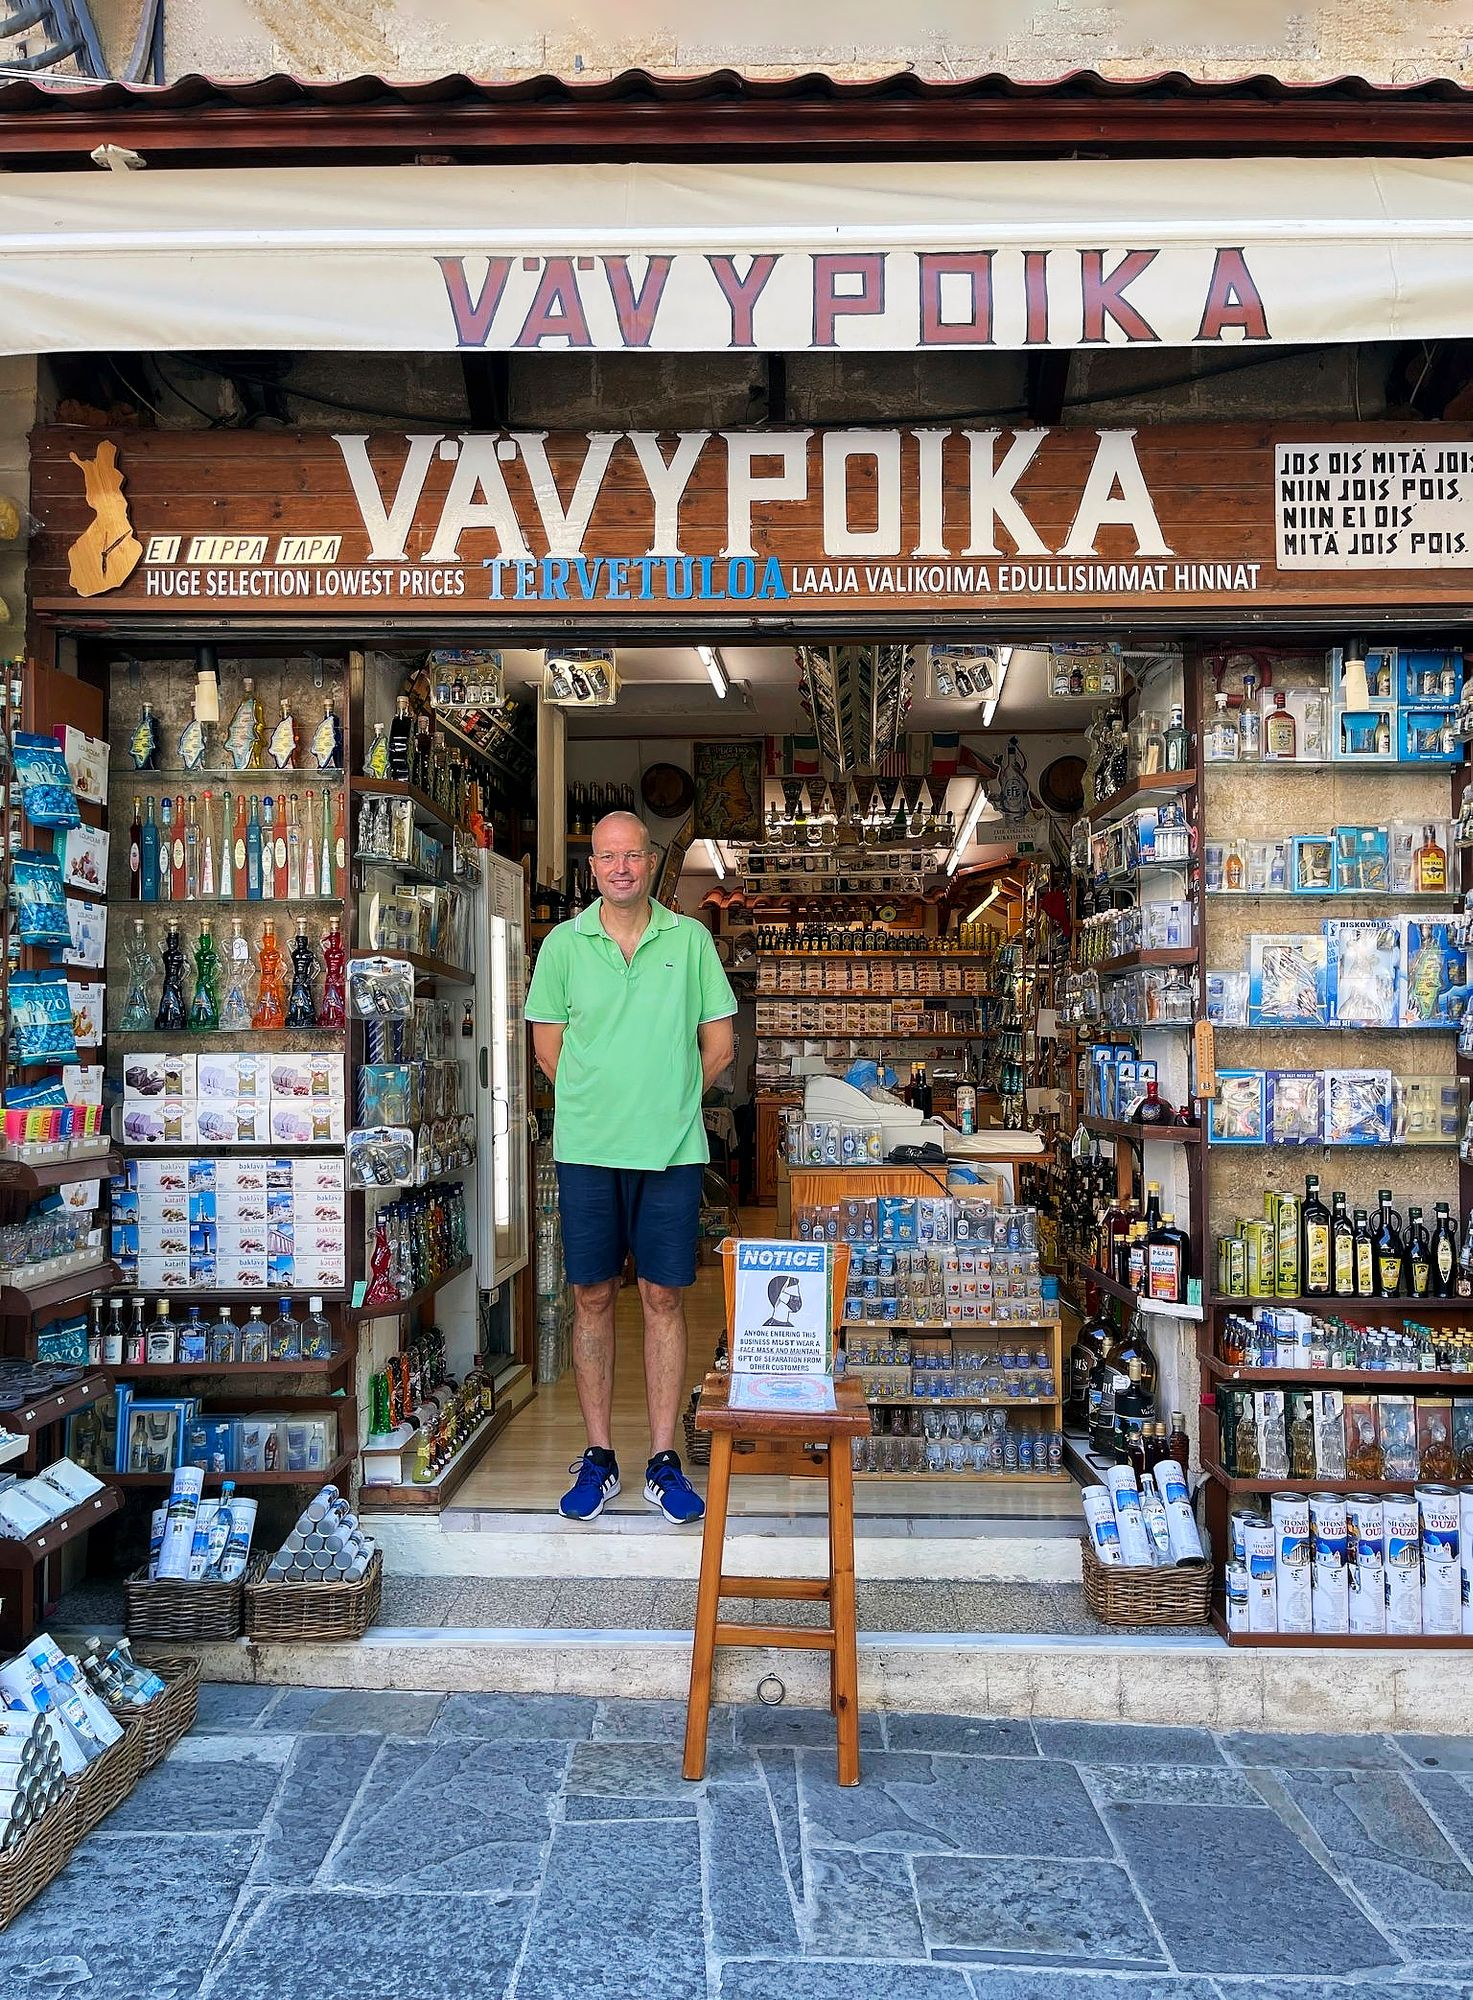 Vanhankaupungin kaduilla käveleville turisteille hihkutaan yhä suomeksi, mutta erityisen sujuvasti kielen taitaa kreikkalais-suomalainen juomakauppias Jorgos Polemikos. © Liza Meriluoto